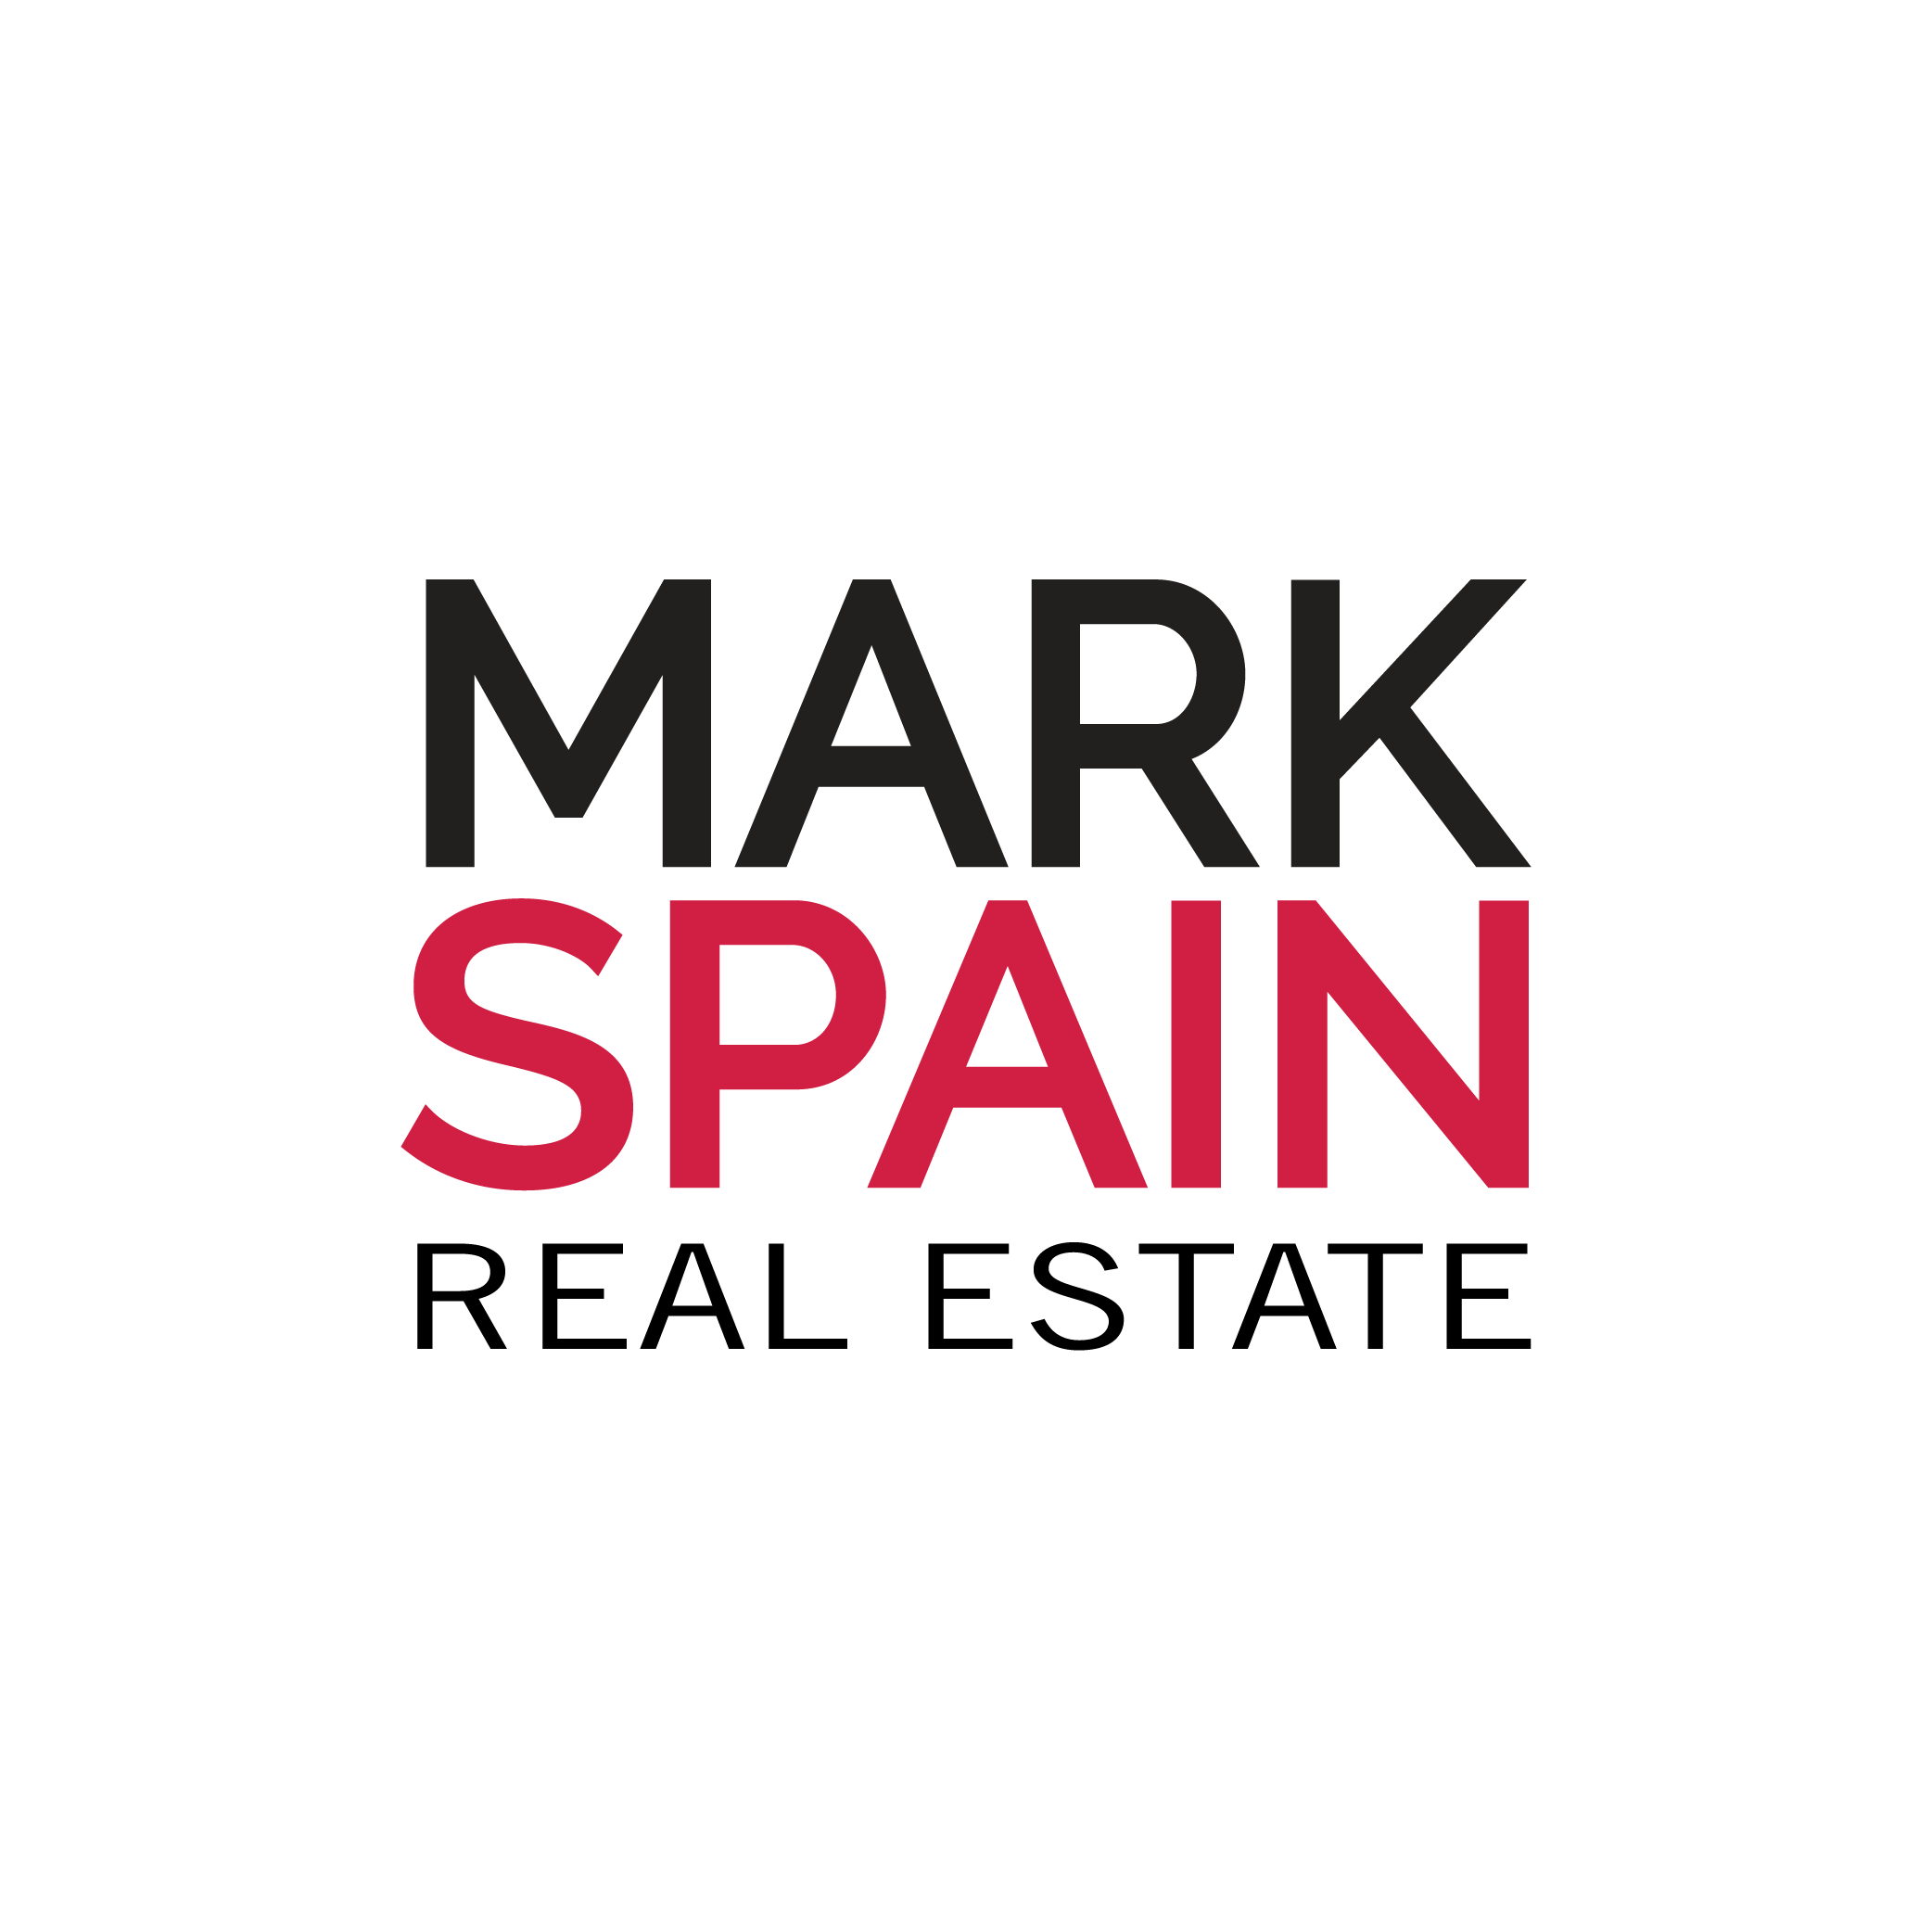 MarkSpainRealEstate.png